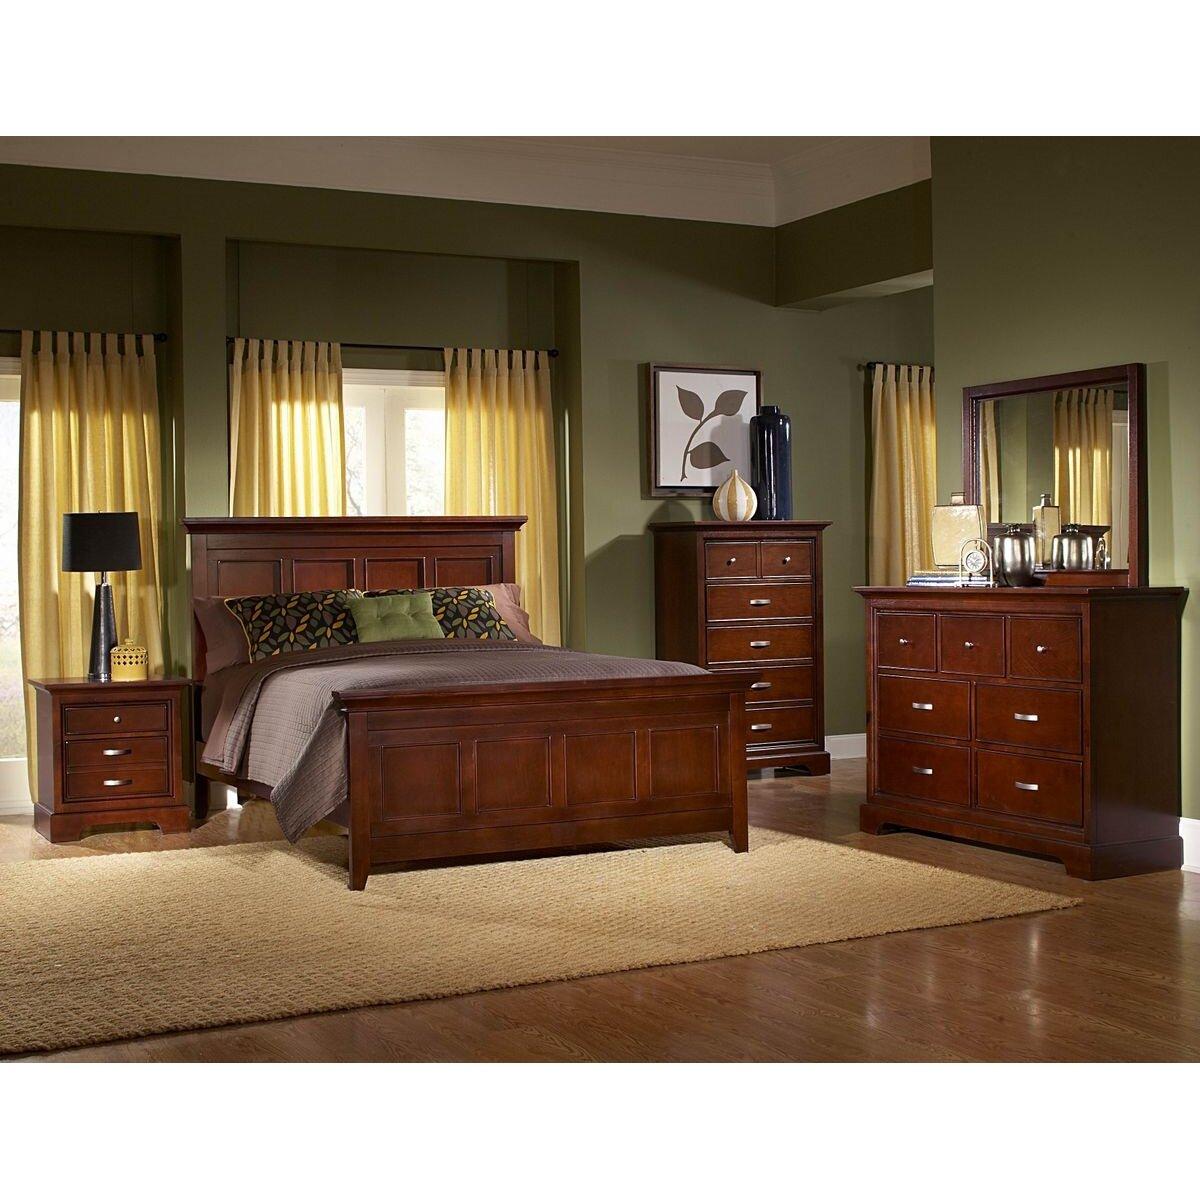 furniture bedroom furniture bedroom sets darby home co sku dbhc5936